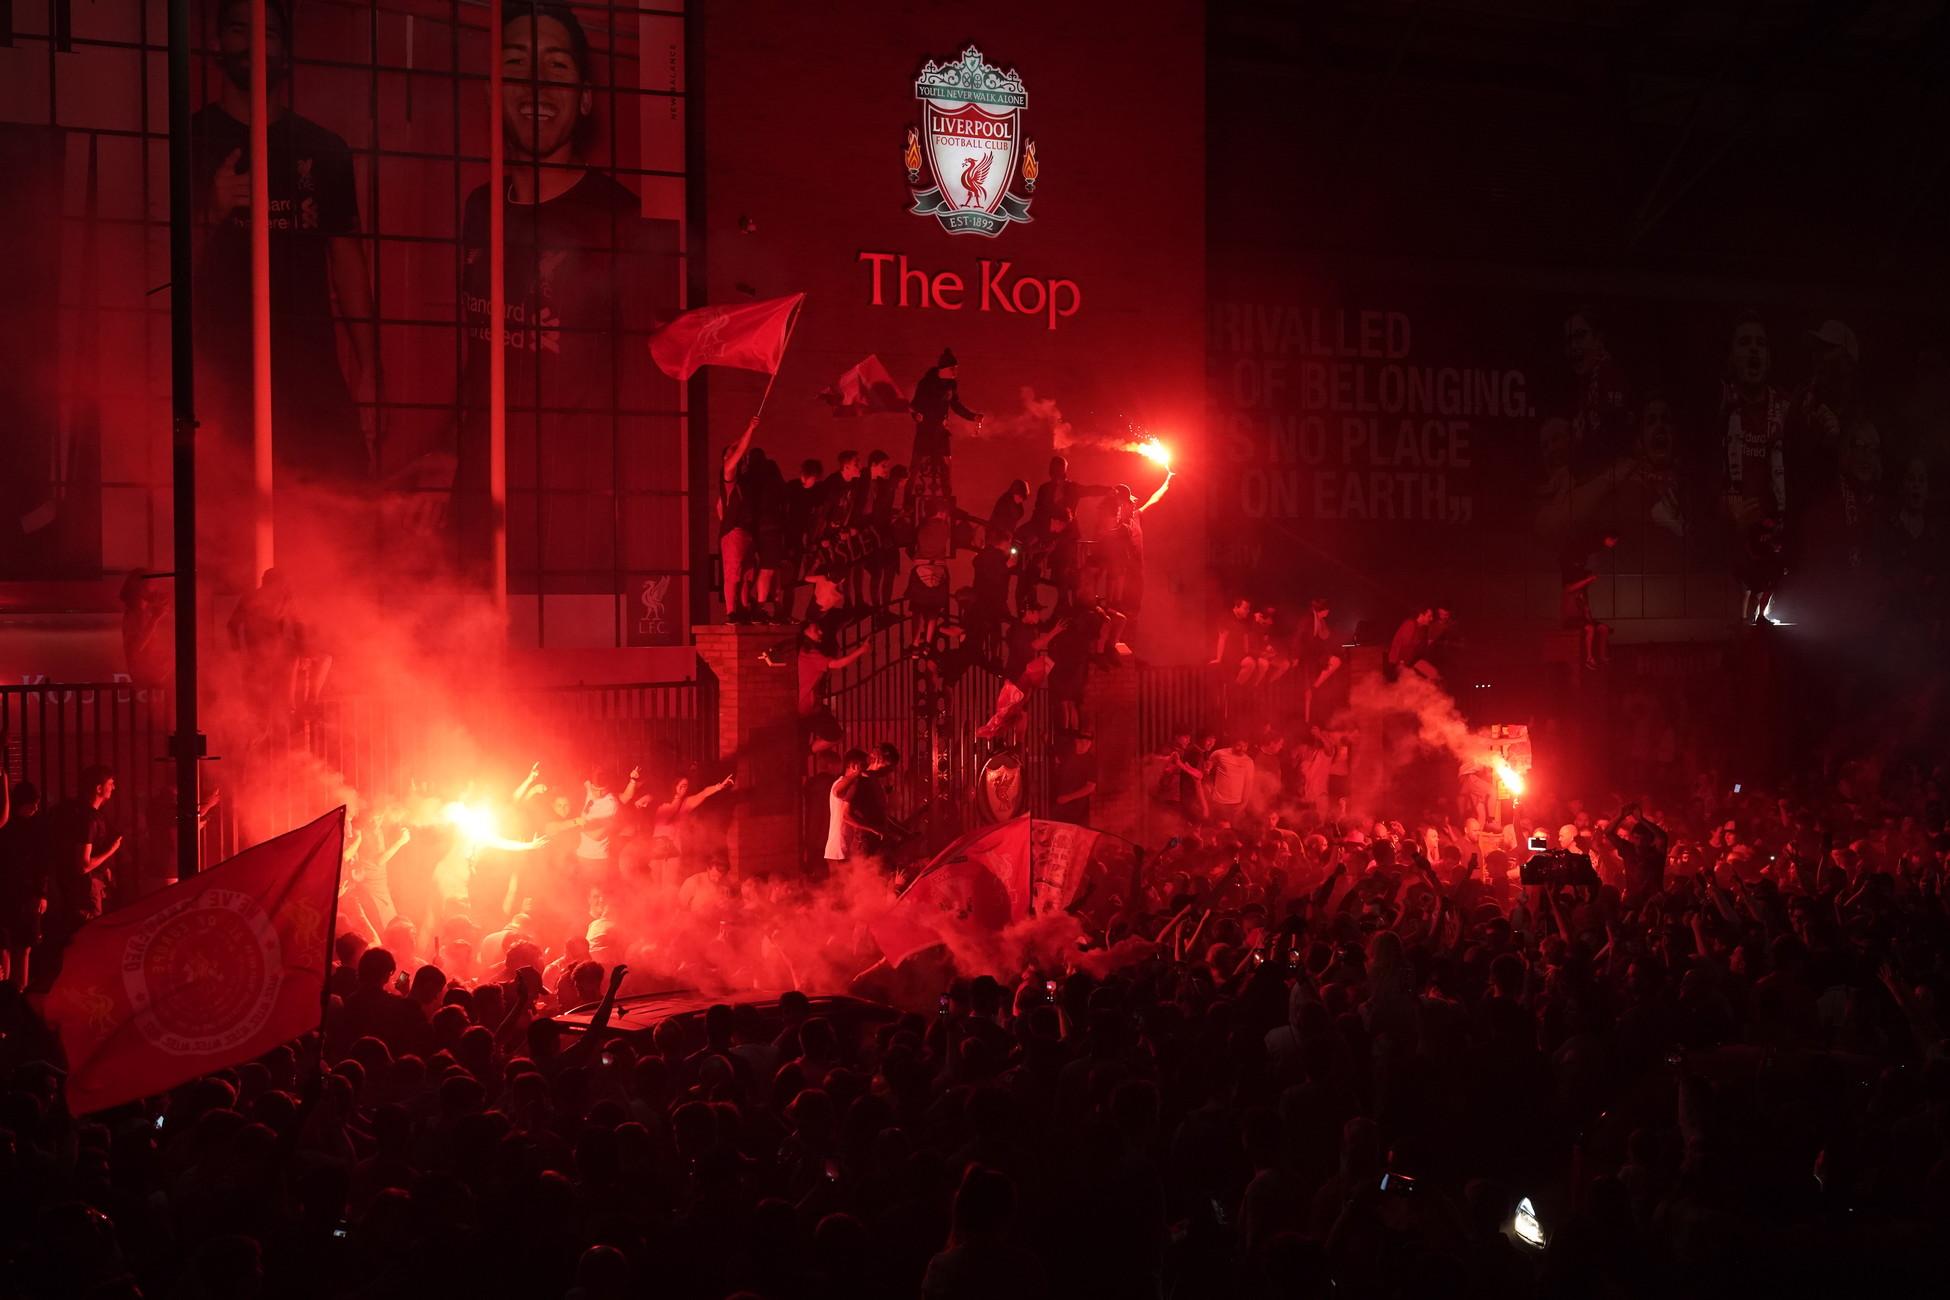 Grande festa per i tifosi del Liverpool, che è tornato a vincere una Premier League dopo 30 anni: una gioia festeggiata per le strade della città senza mascherine e senza prestare molta attenzione alle norme sul distanziamento sociale.